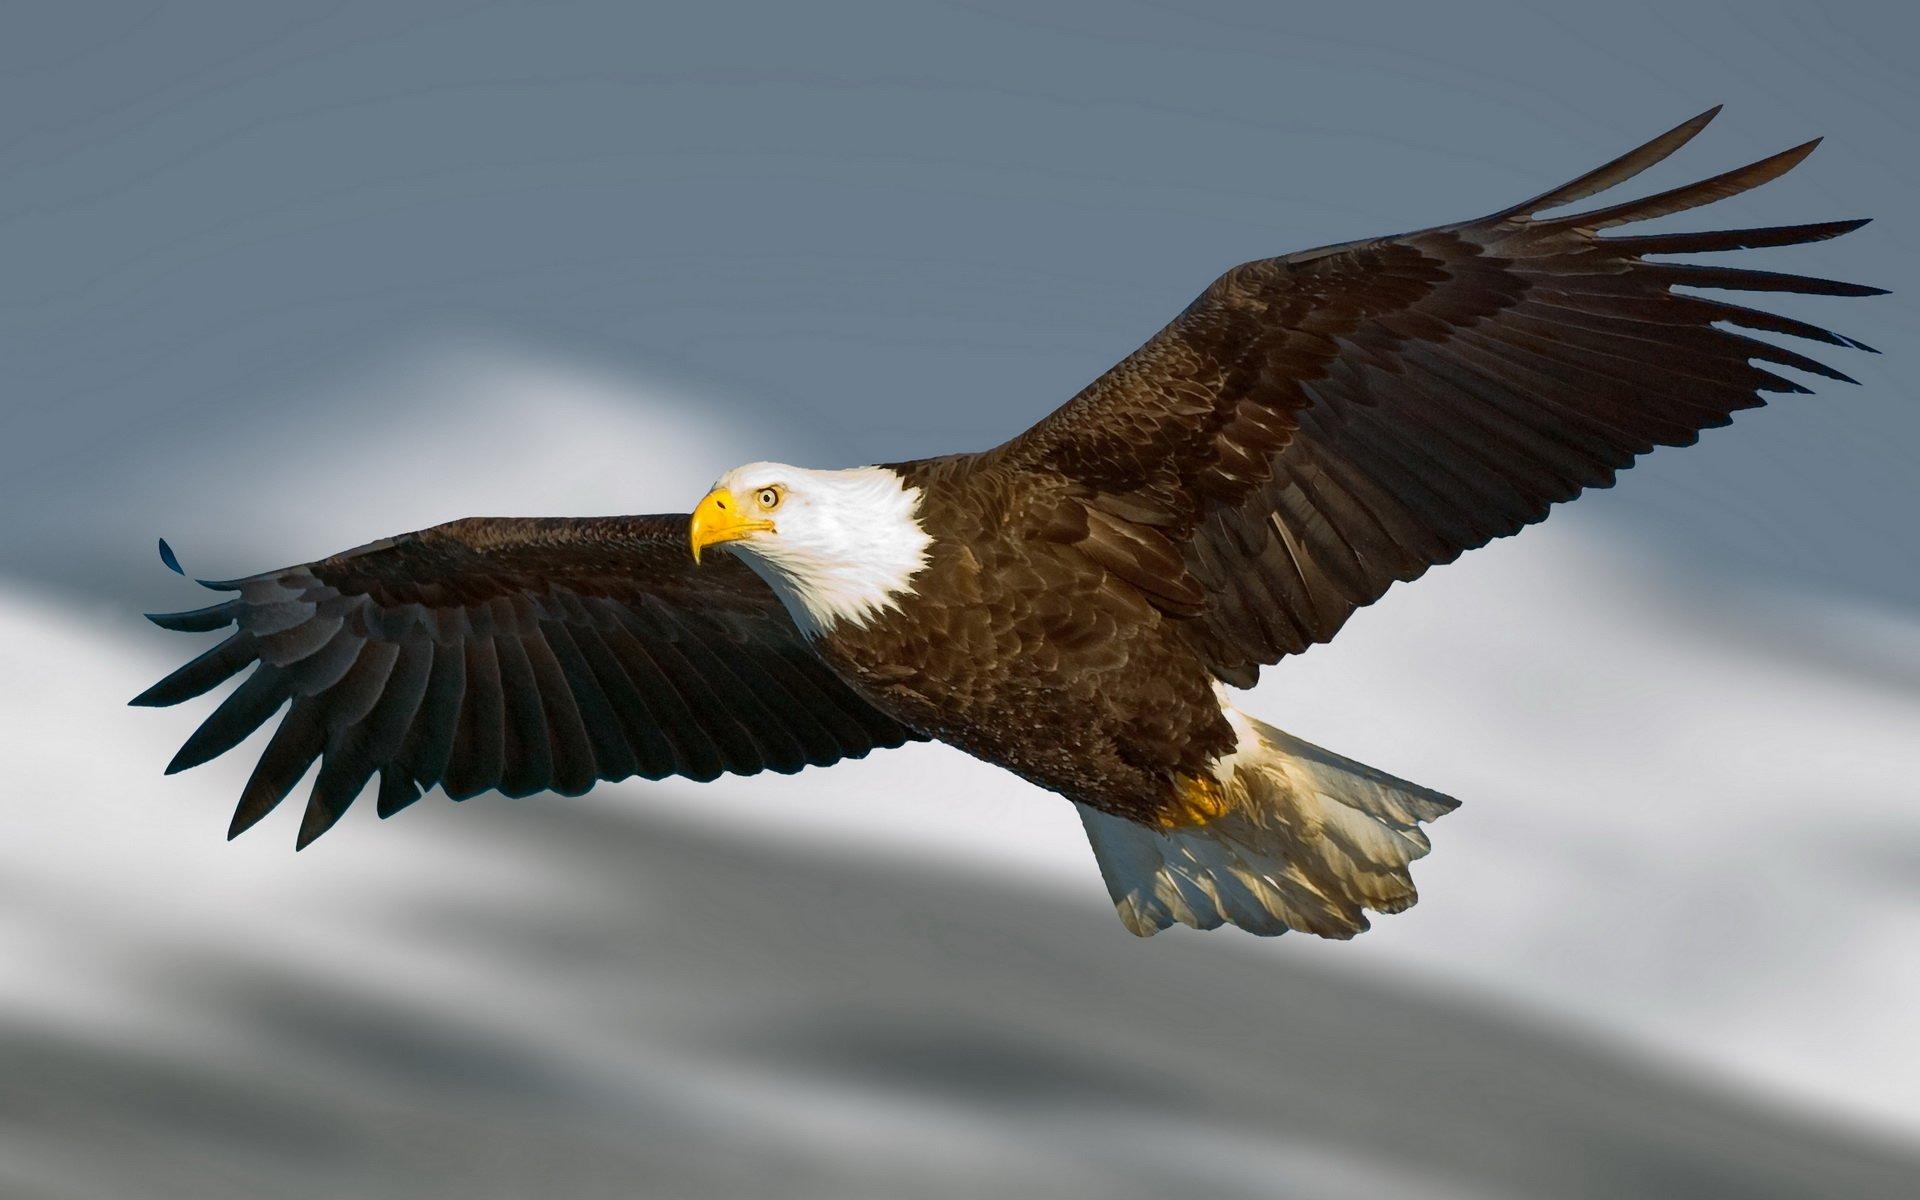 Hd Rajewall: Weißkopfseeadler Full HD Wallpaper And Hintergrund